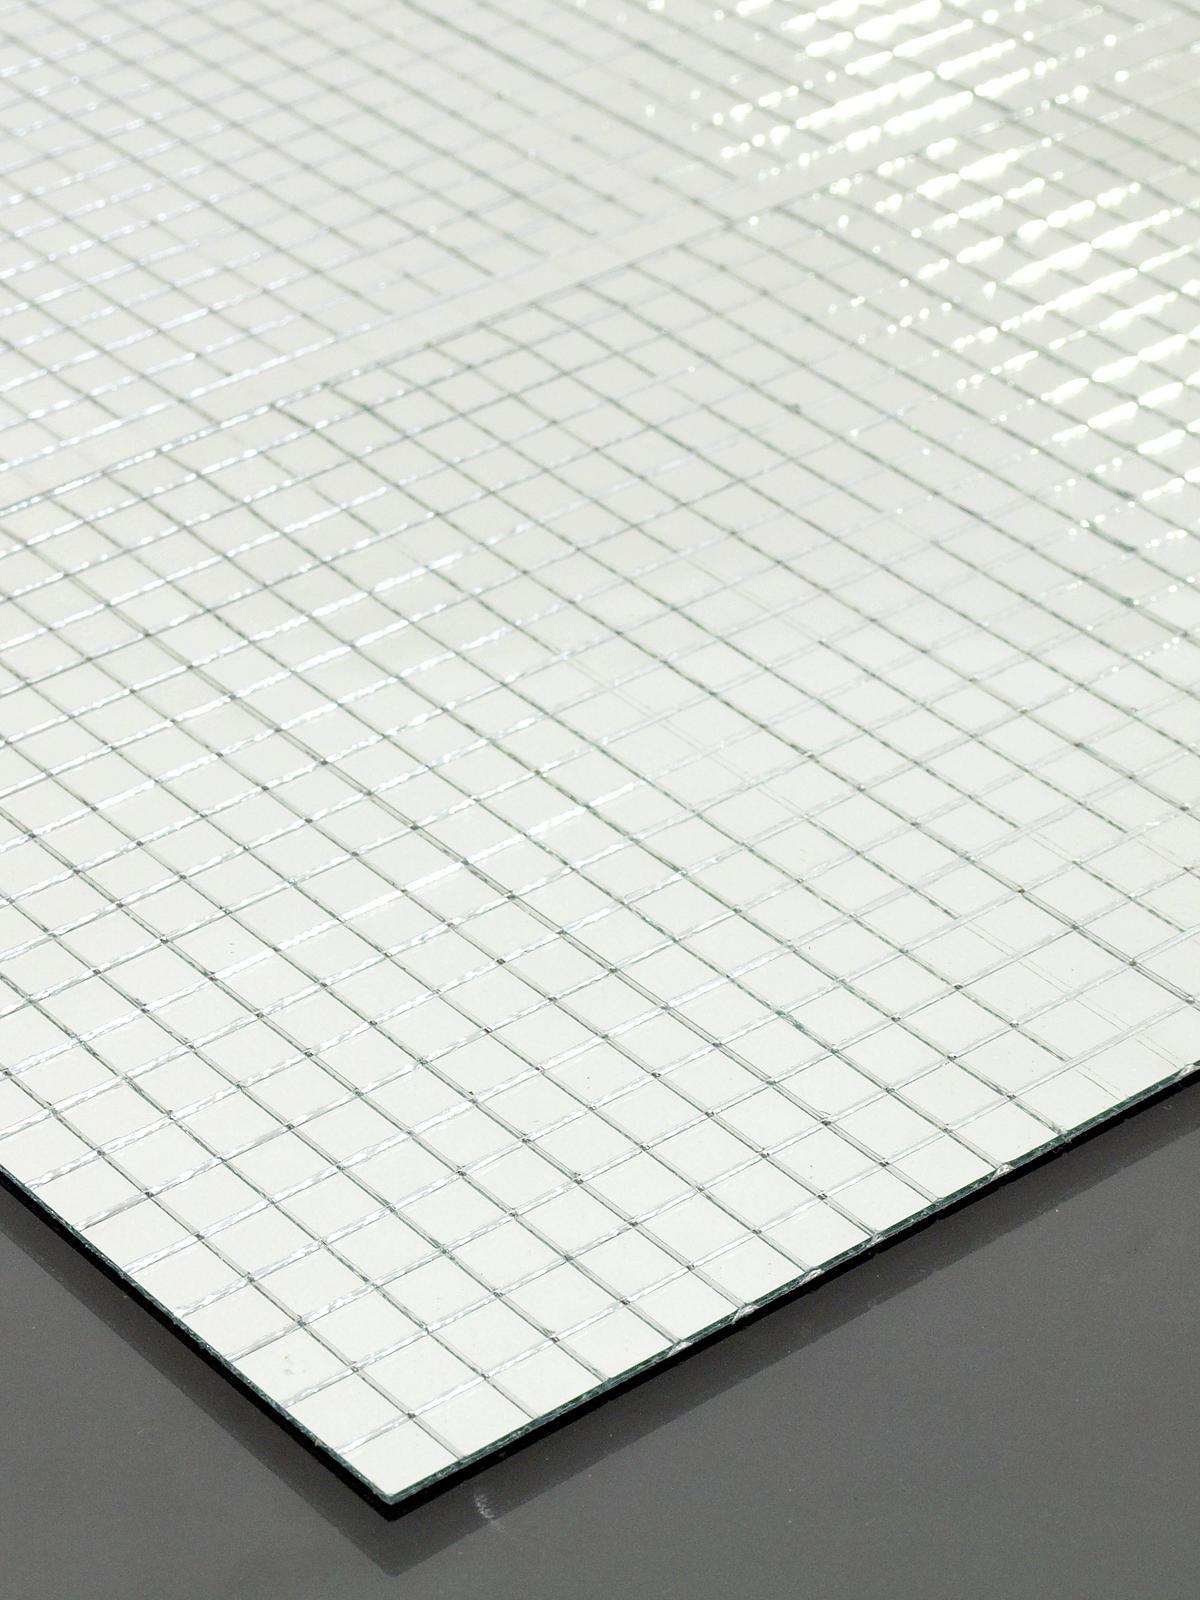 EUROLITE Spiegelmatte 400x400mm, Spiegel 10x10mm